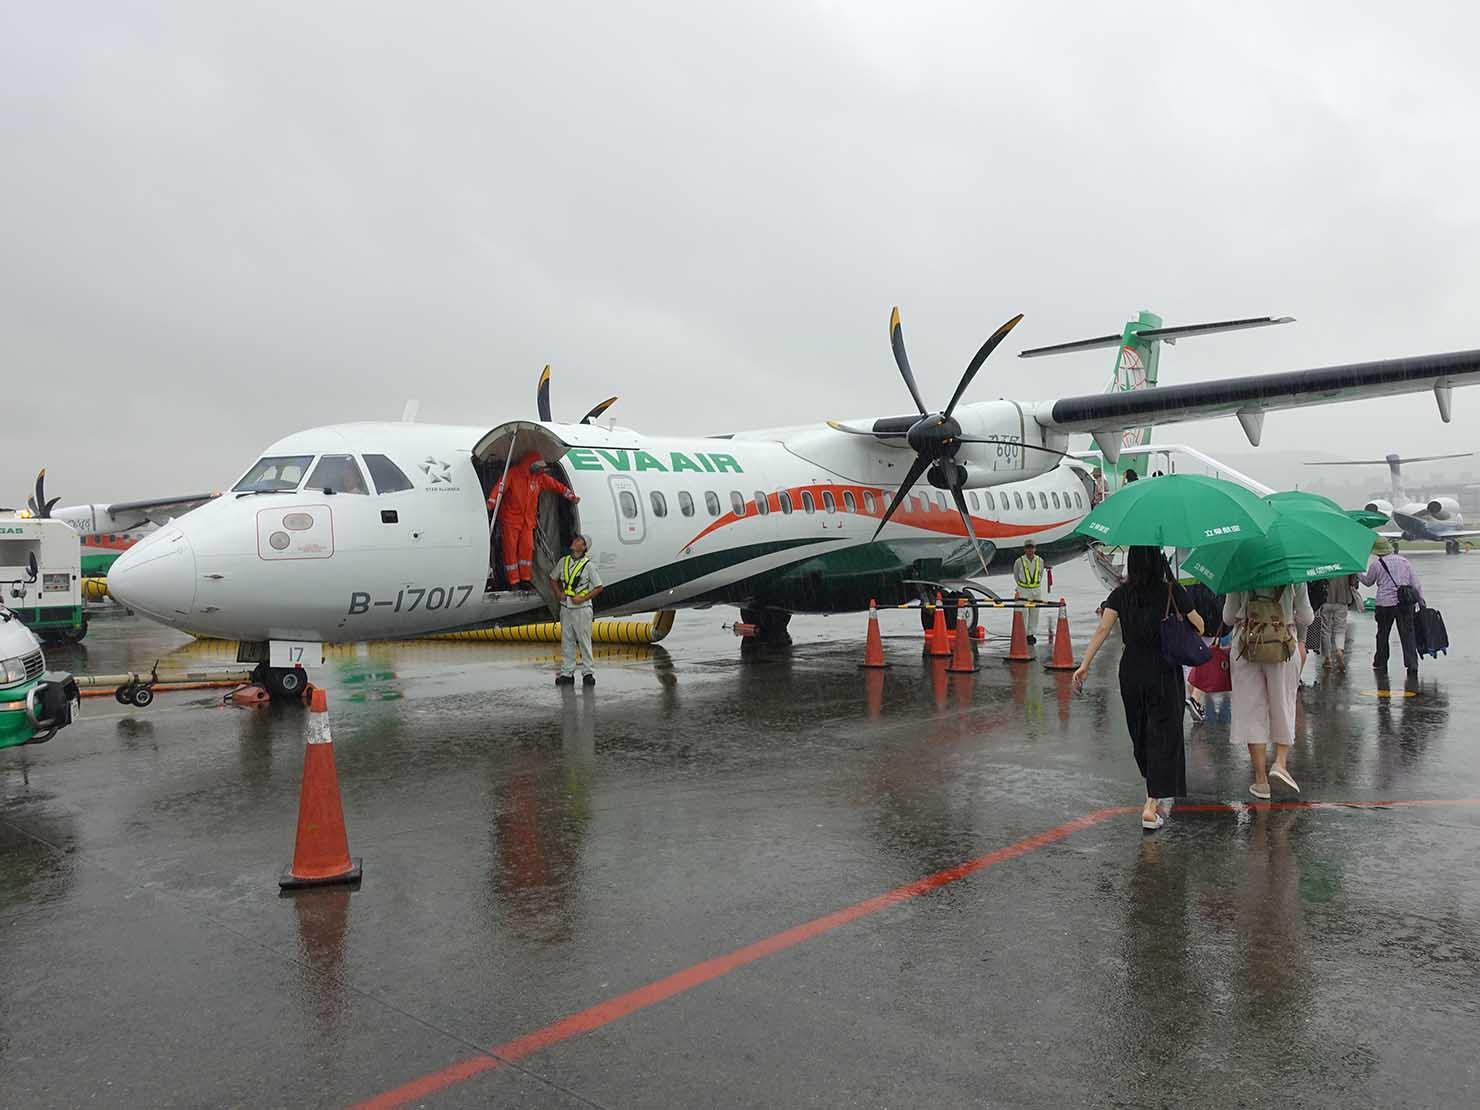 台北・松山空港から台東へ向かう立榮航空(ユニエアー)のプロペラ機